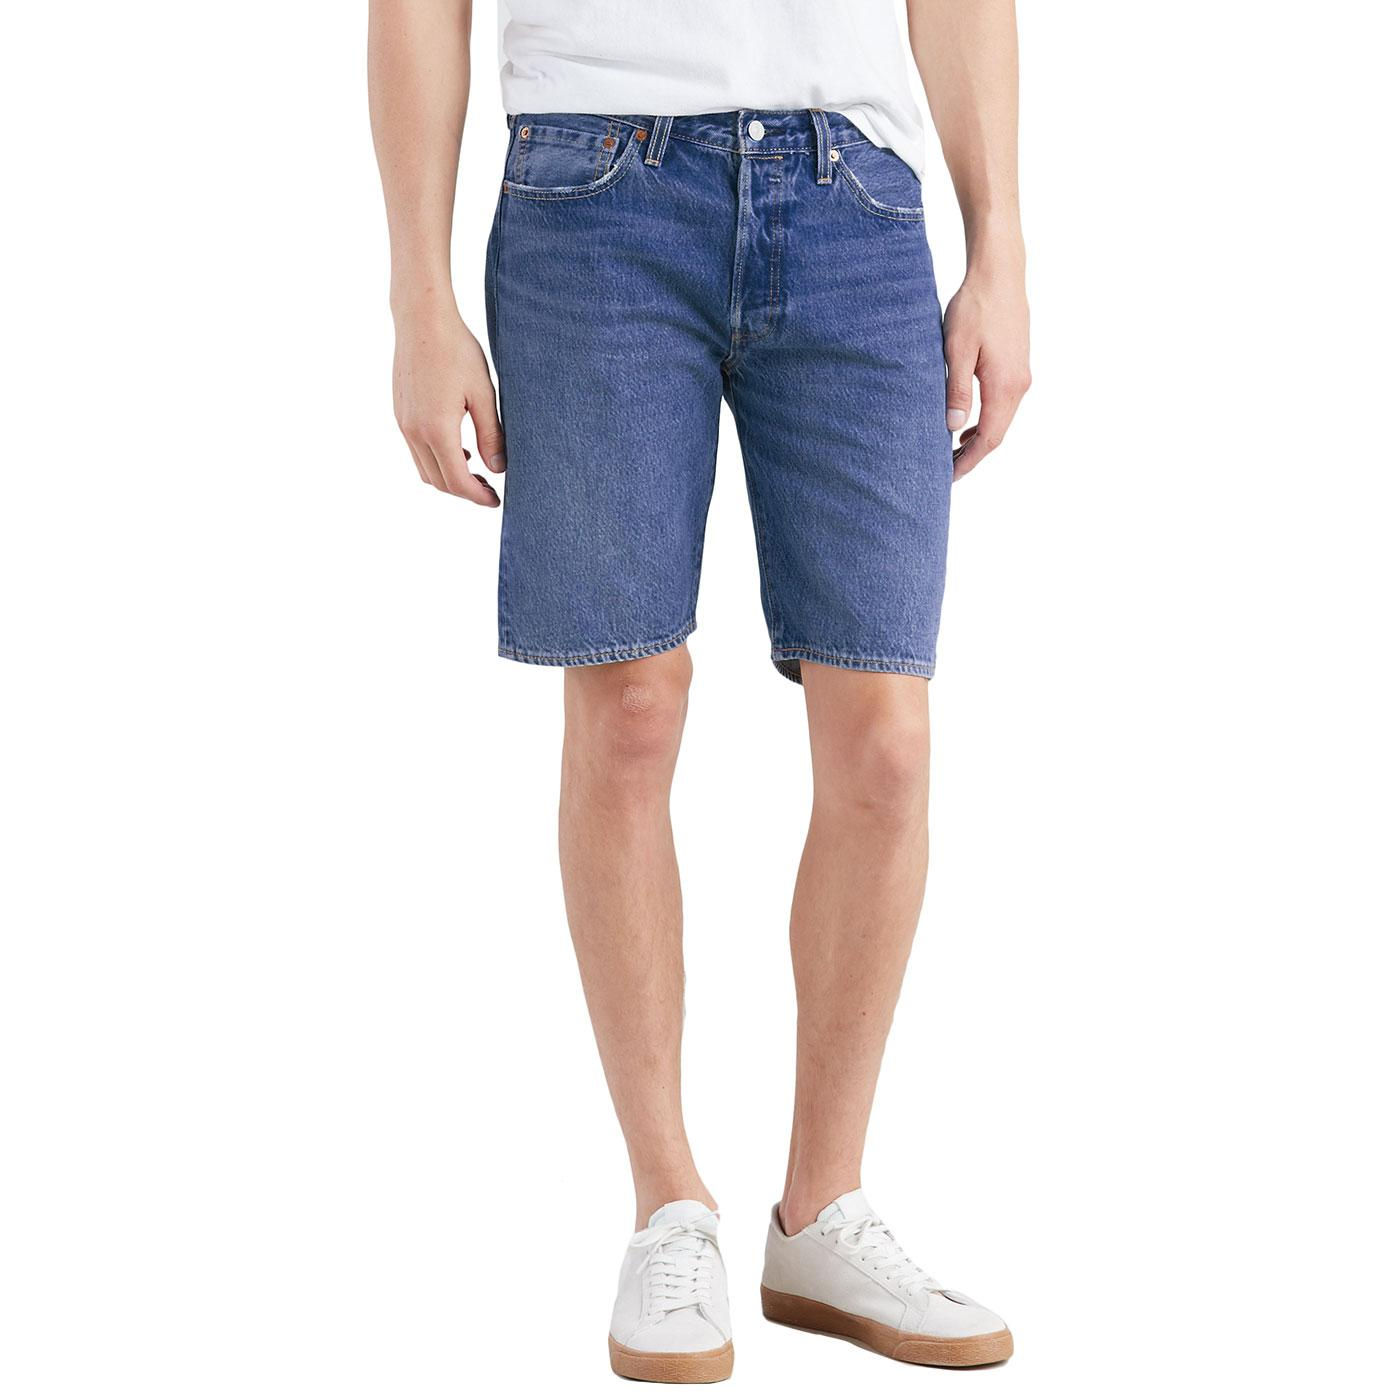 LEVI'S 501 Men's Hemmed Denim Shorts (Nashville)